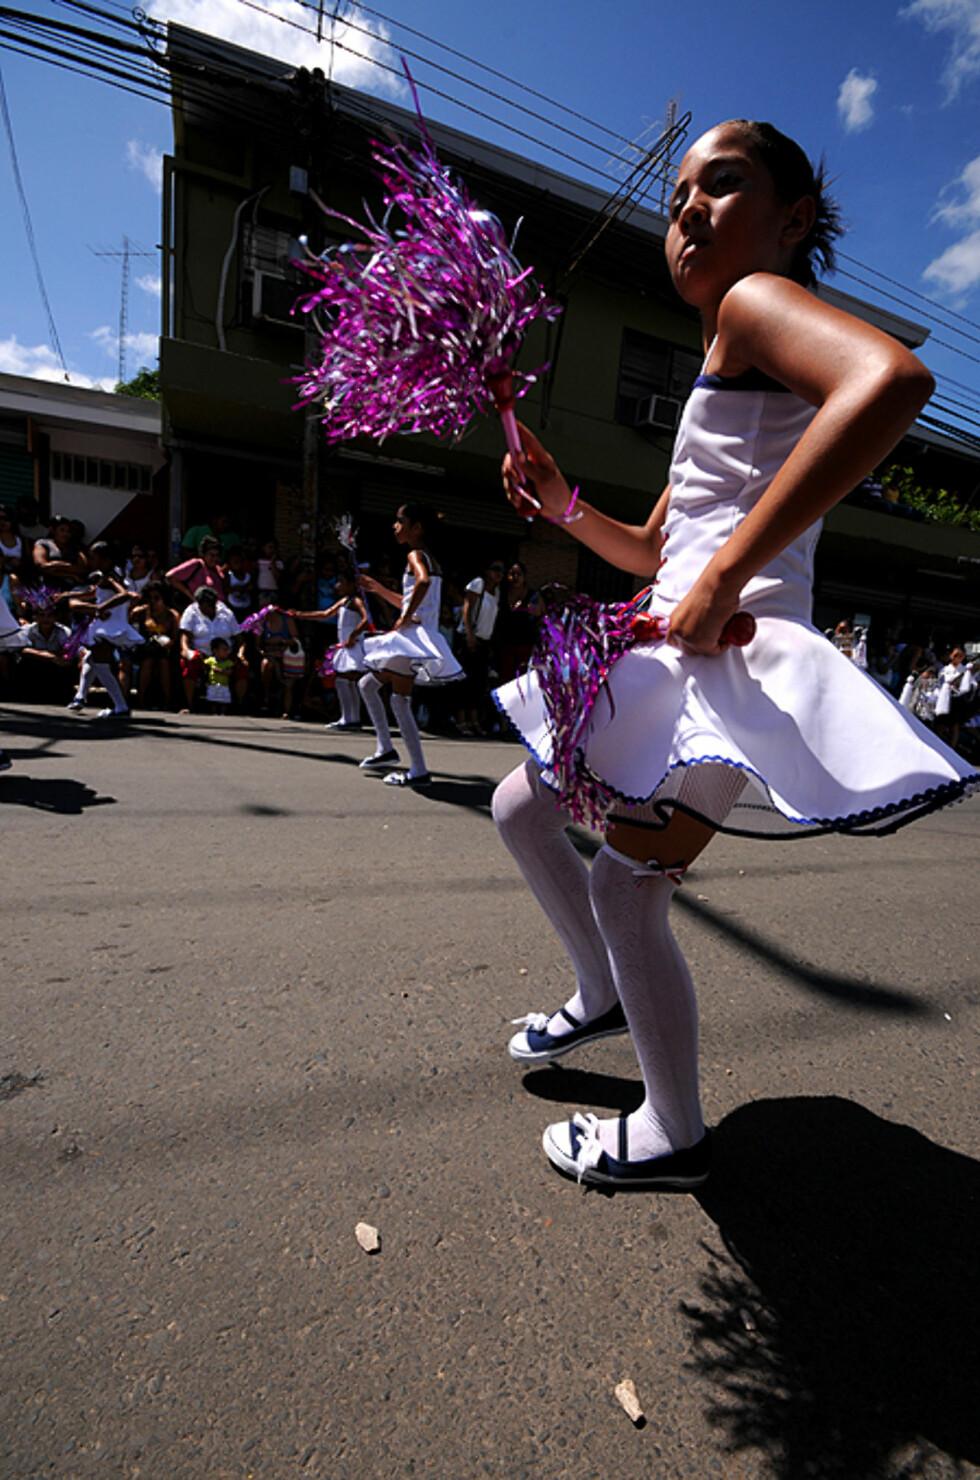 En skolejente danser i parade på nasjonaldagen 15 september i Líberia. Når C.R feirer sin uavhengighet fra Nicaragua.  Foto: Hans Kristian Krogh-Hanssen